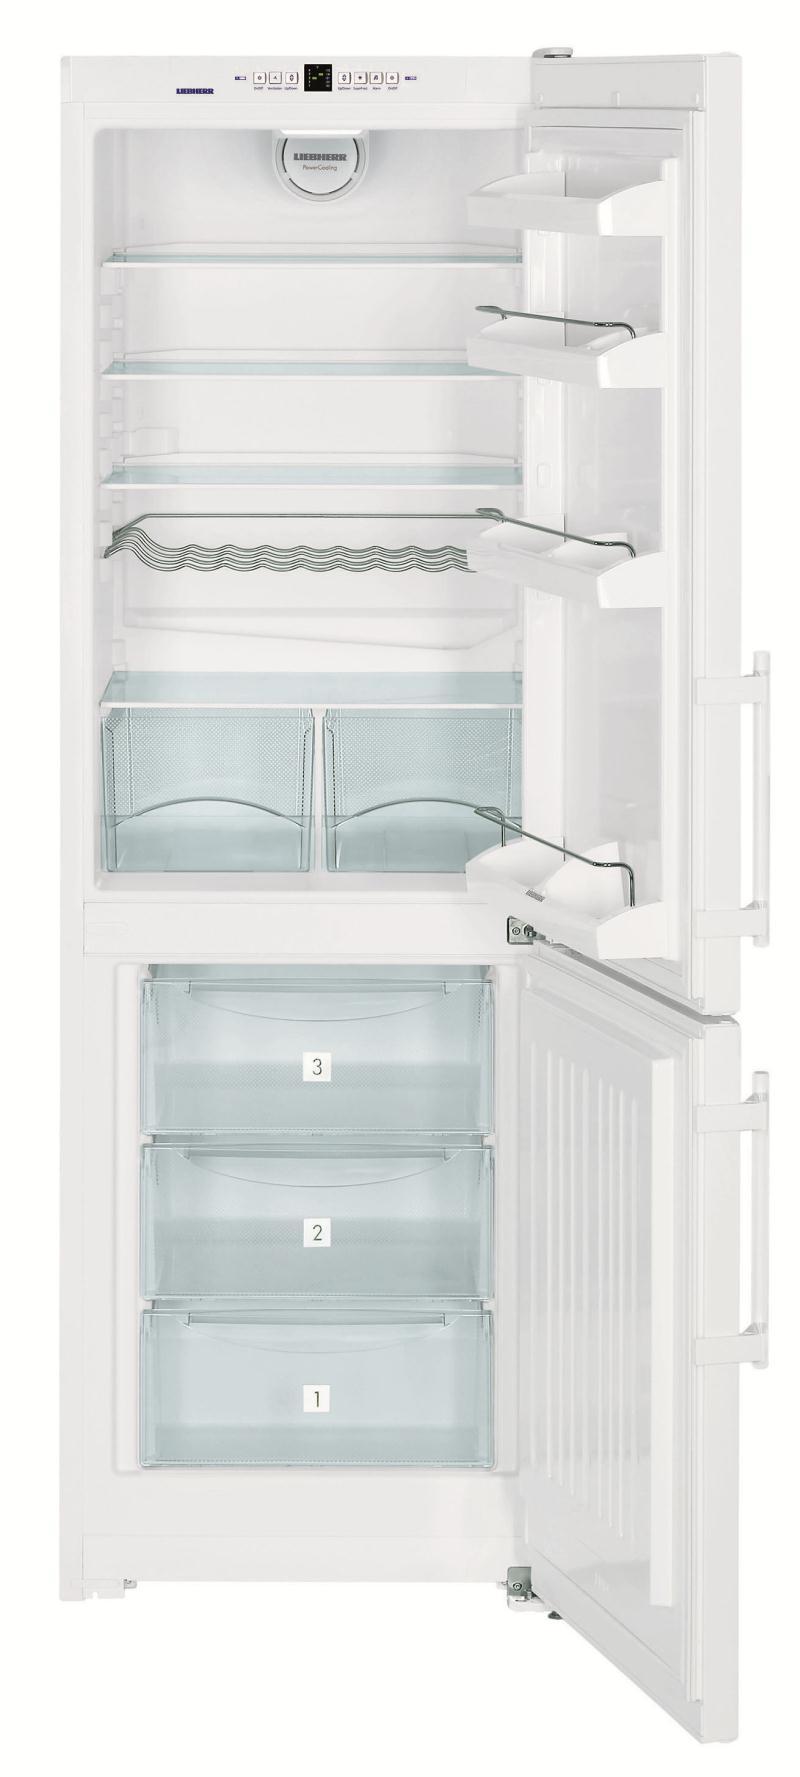 liebherr r frig rateur combin c352323. Black Bedroom Furniture Sets. Home Design Ideas